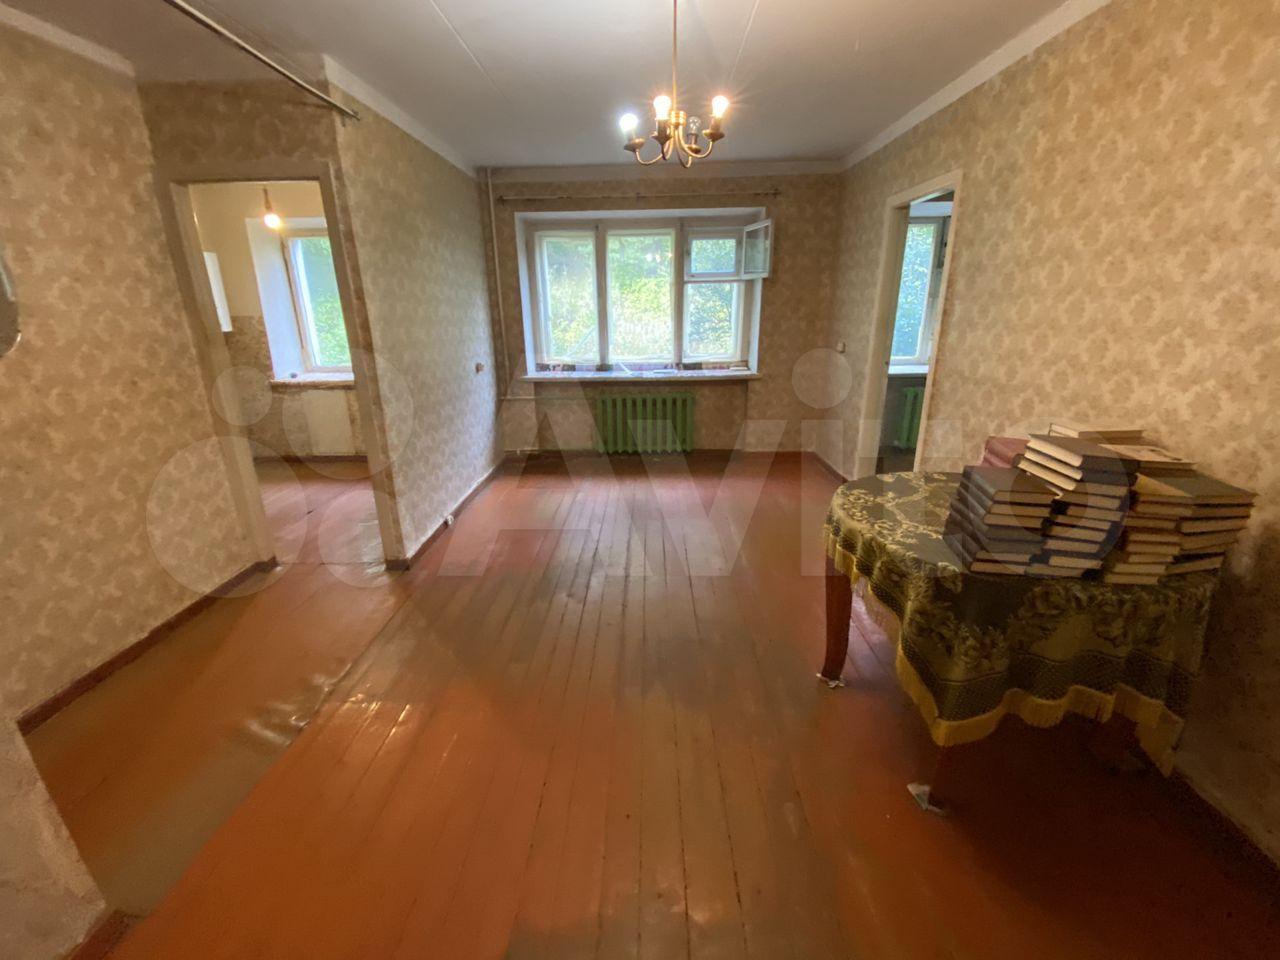 2-к квартира, 40.3 м², 1/2 эт.  89176119095 купить 1